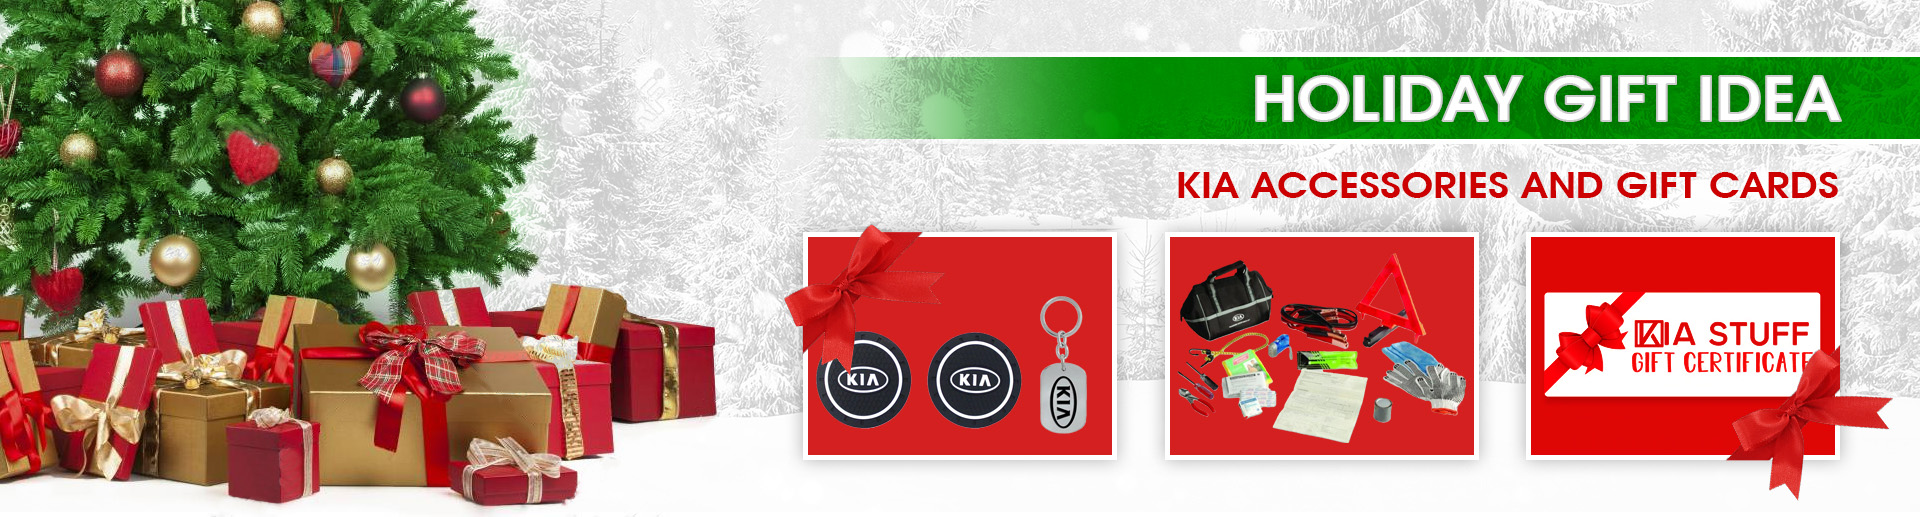 Kia Gift Guide